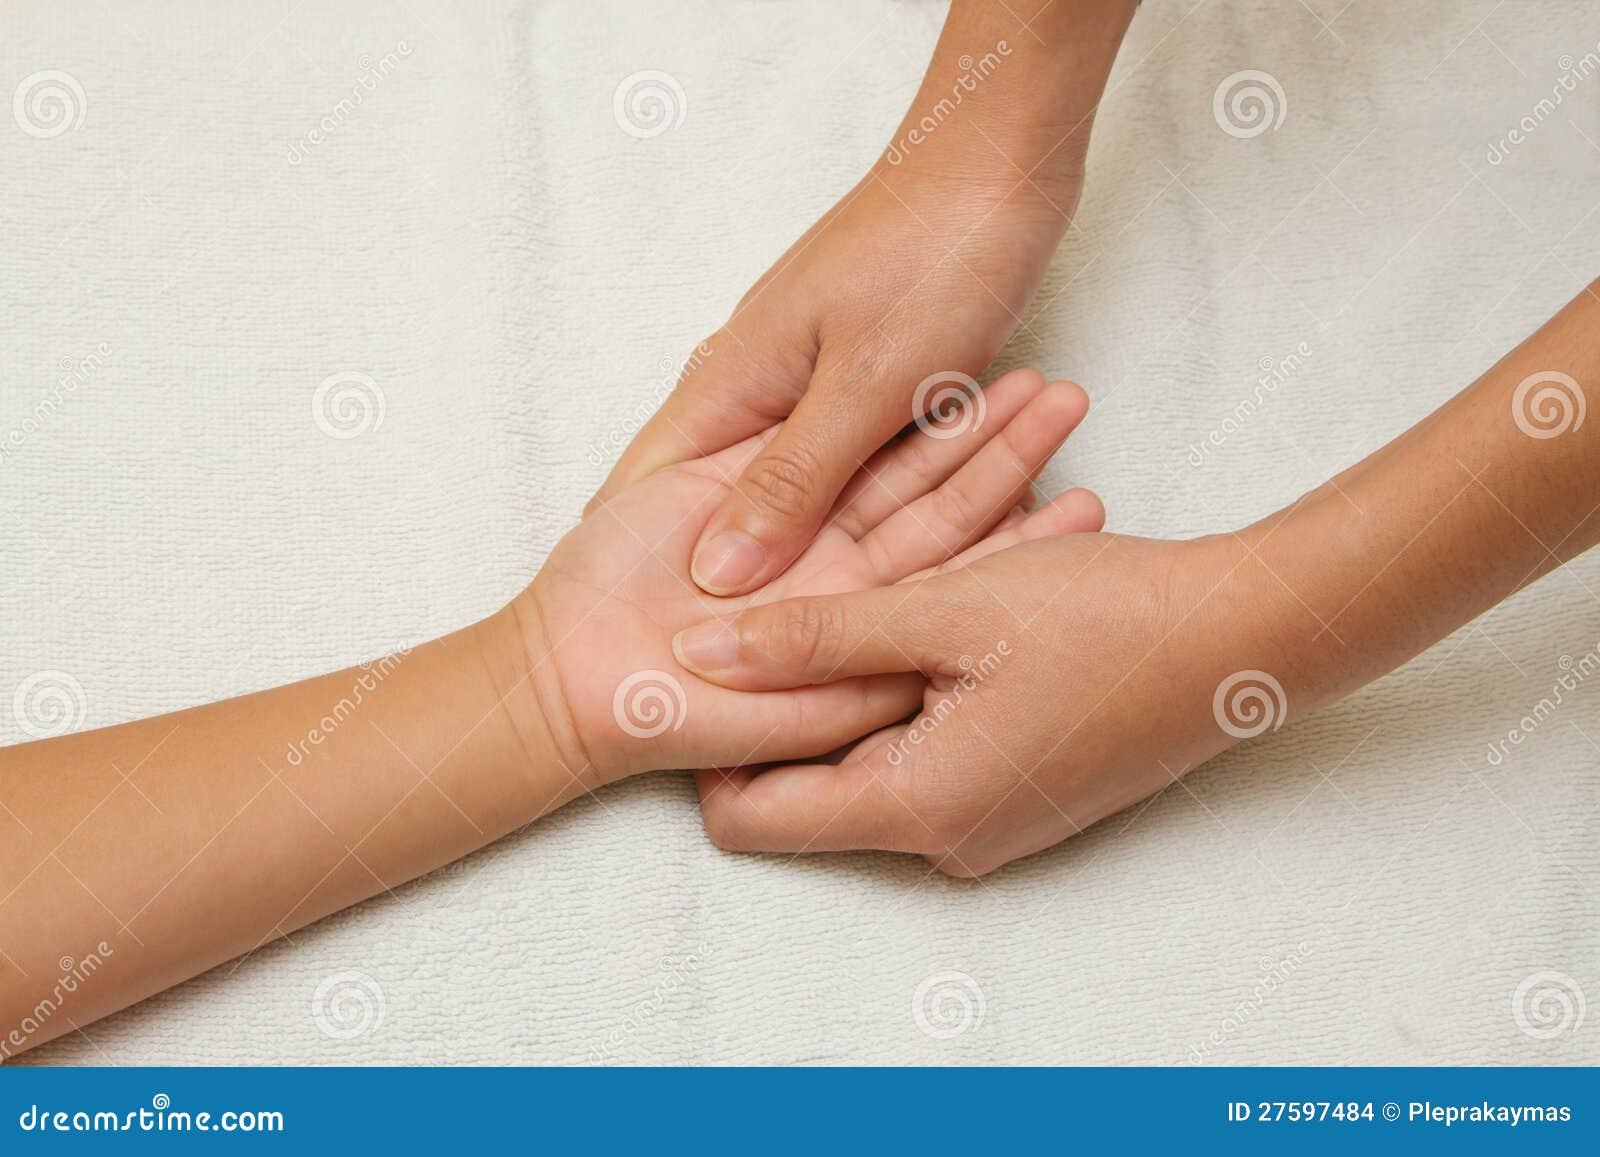 sitio masaje trabajo de mano